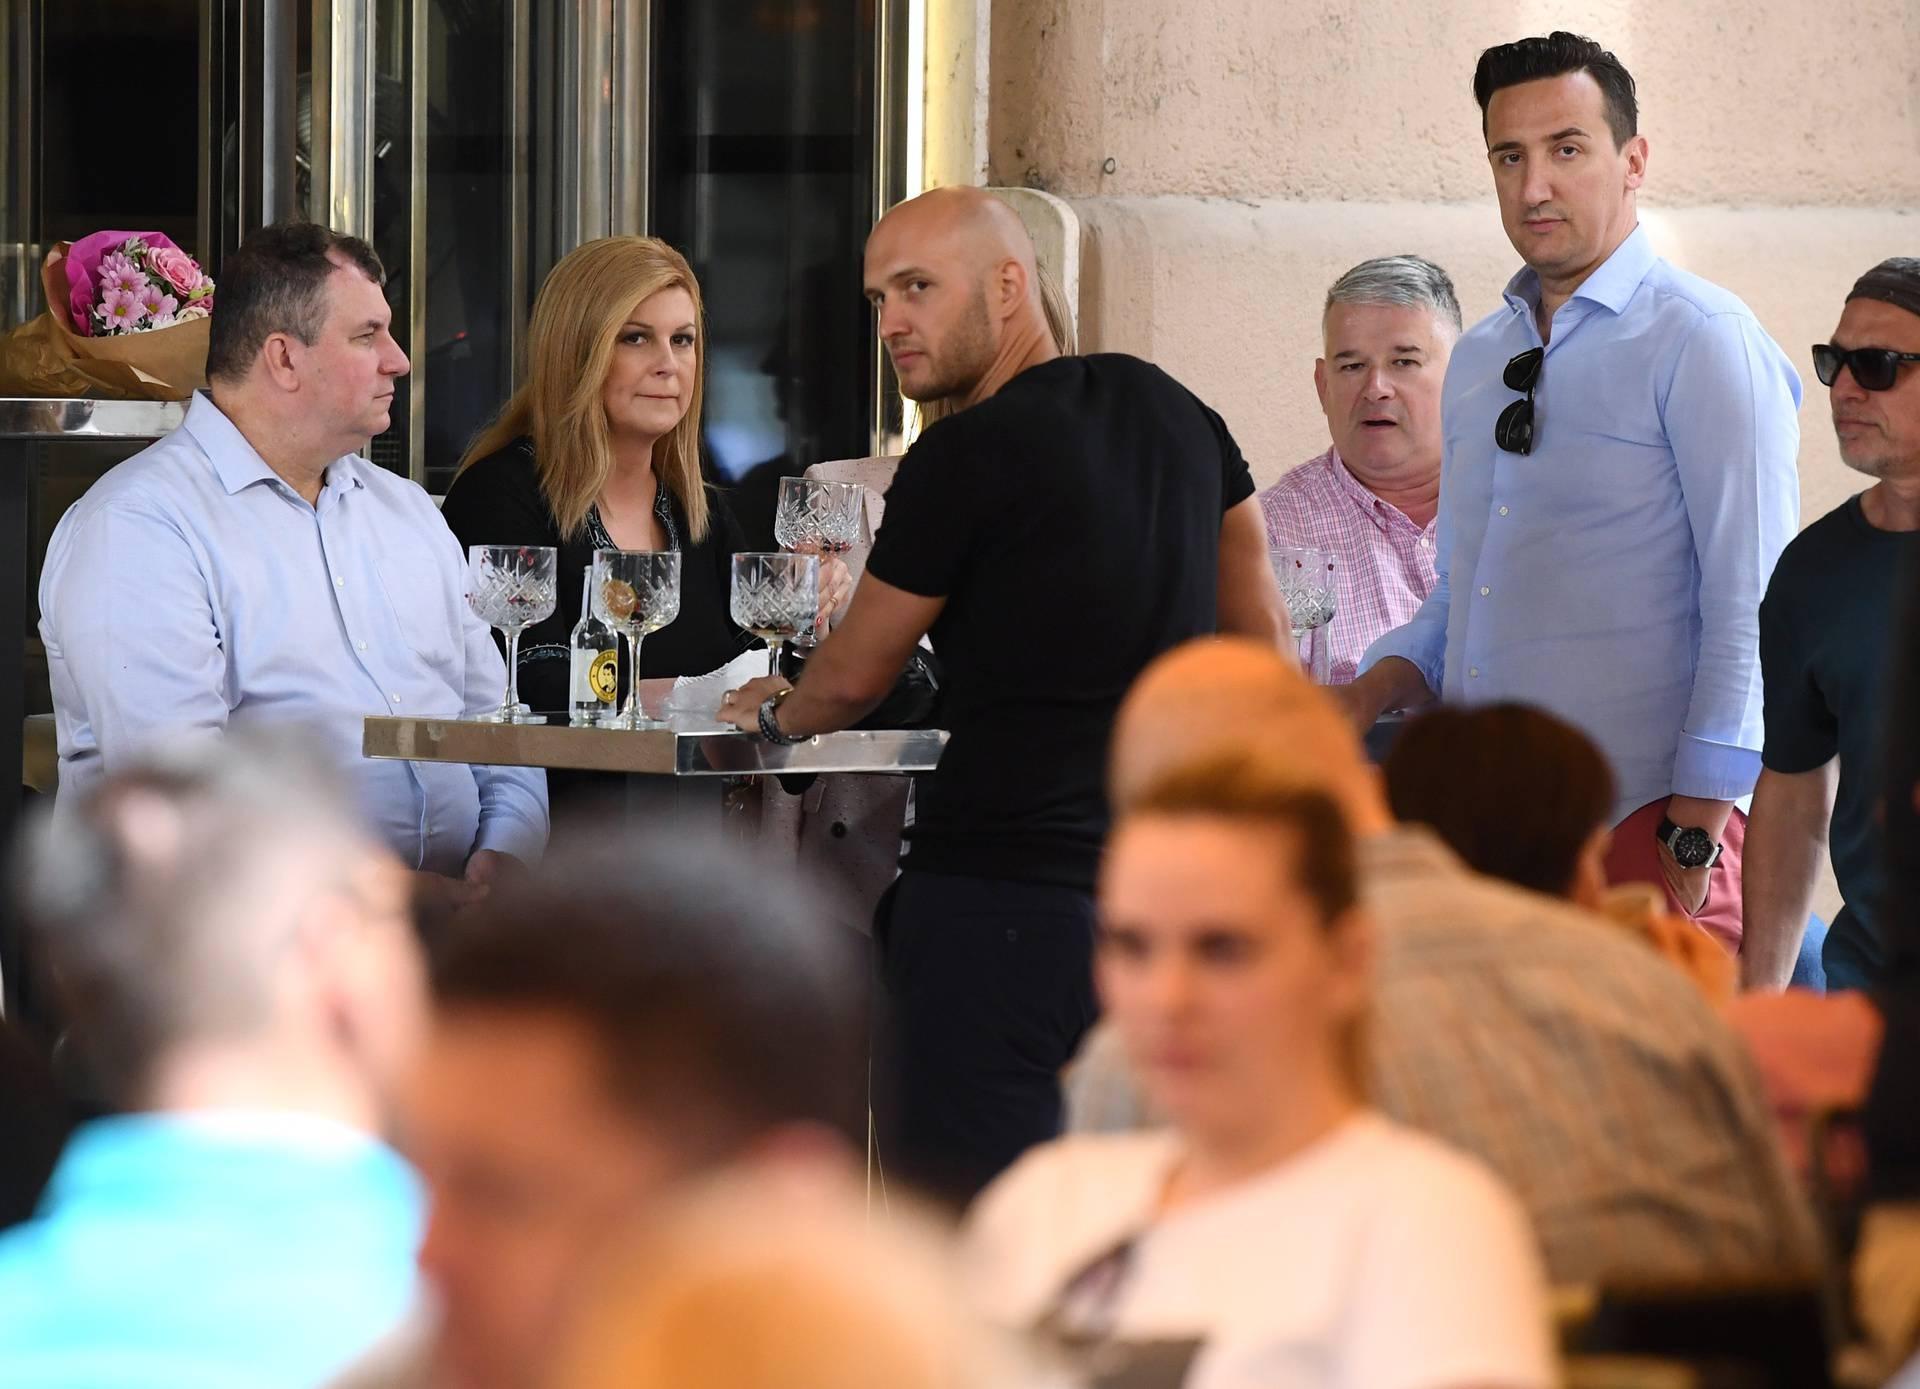 Grabar-Kitarović, nova članica MOO, na piću sa suprugom, Zlatkom Matešom i kolegama